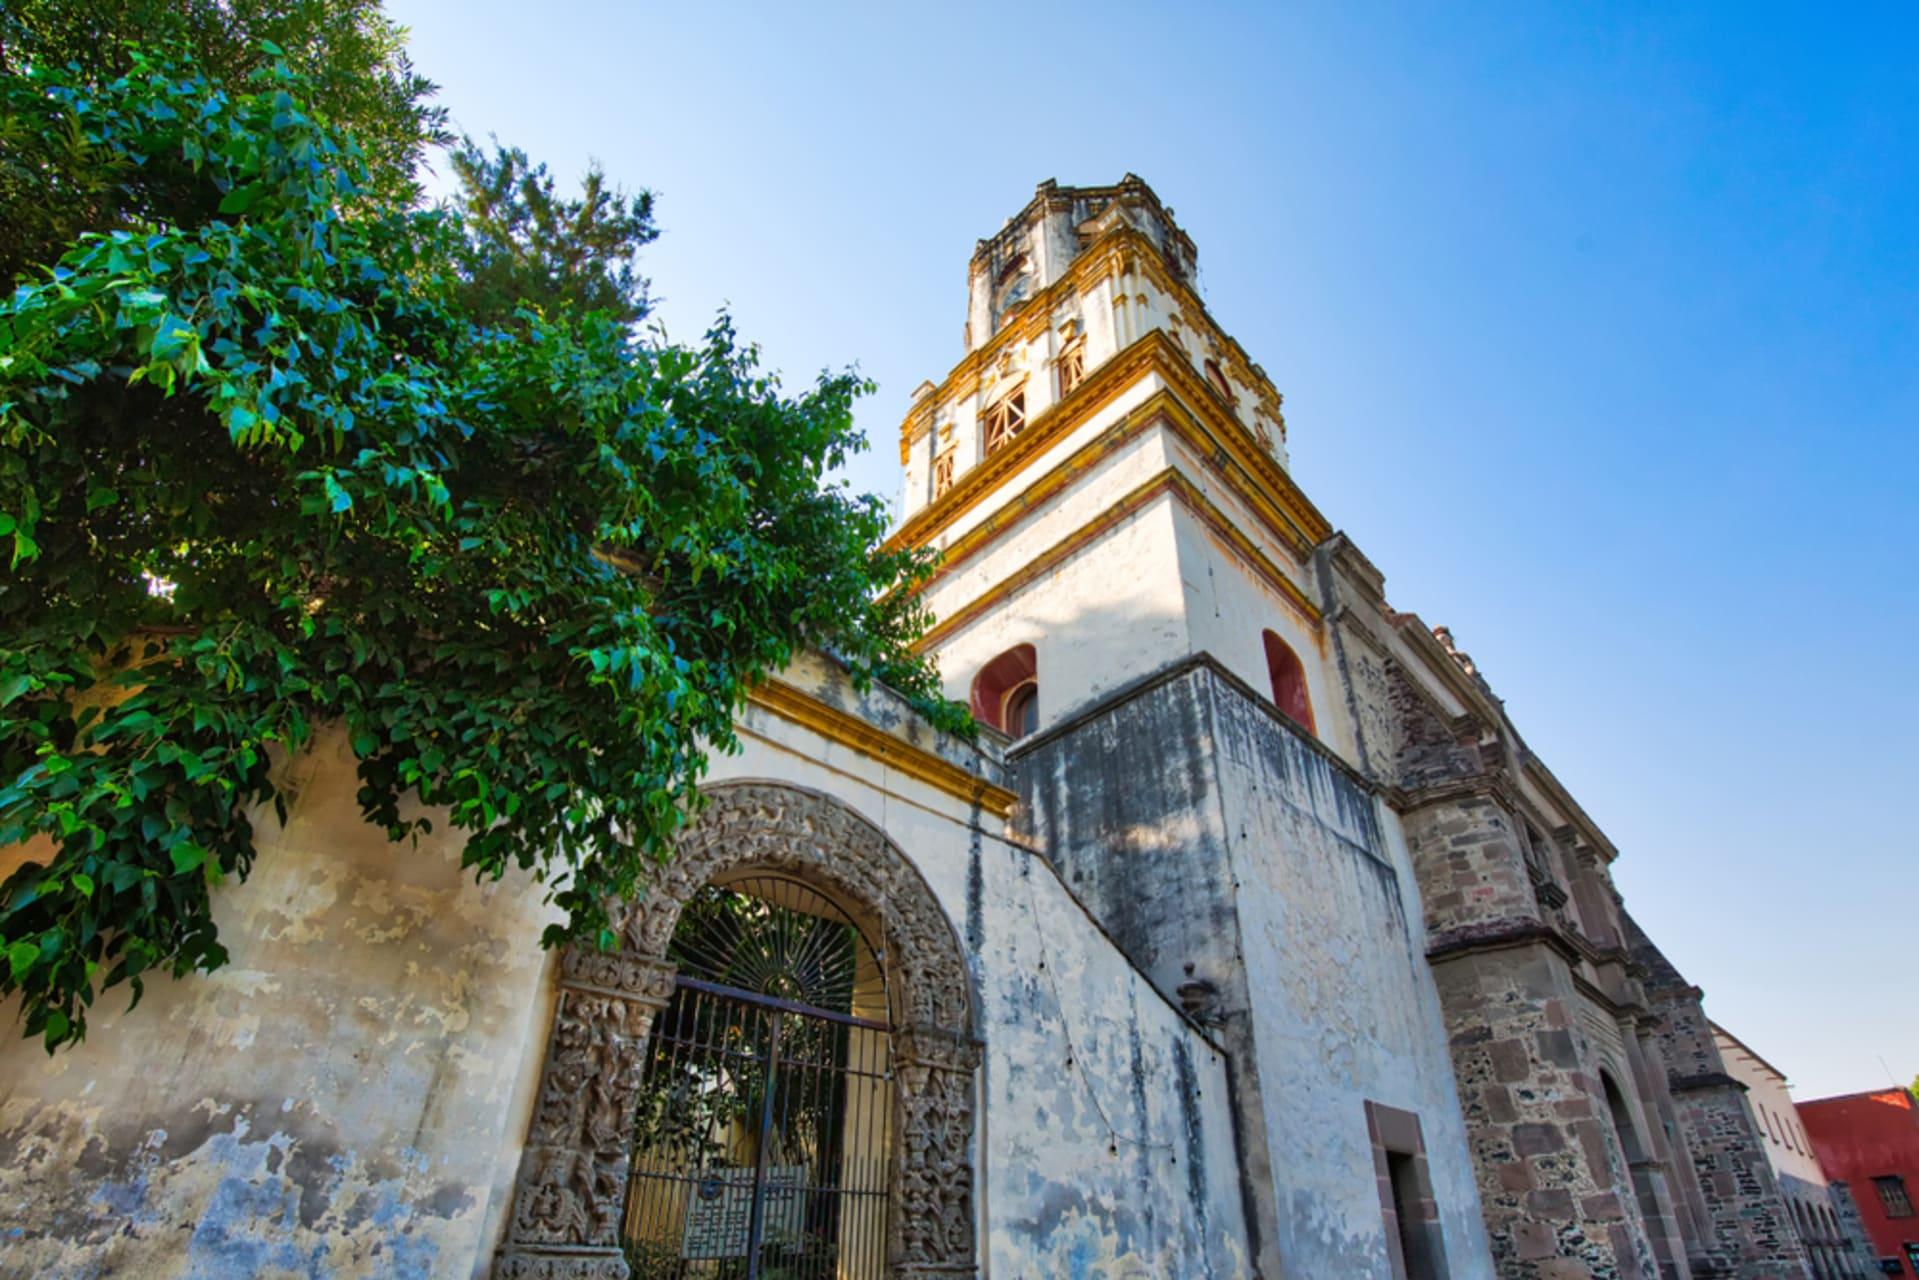 Mexico City - Coyoacan